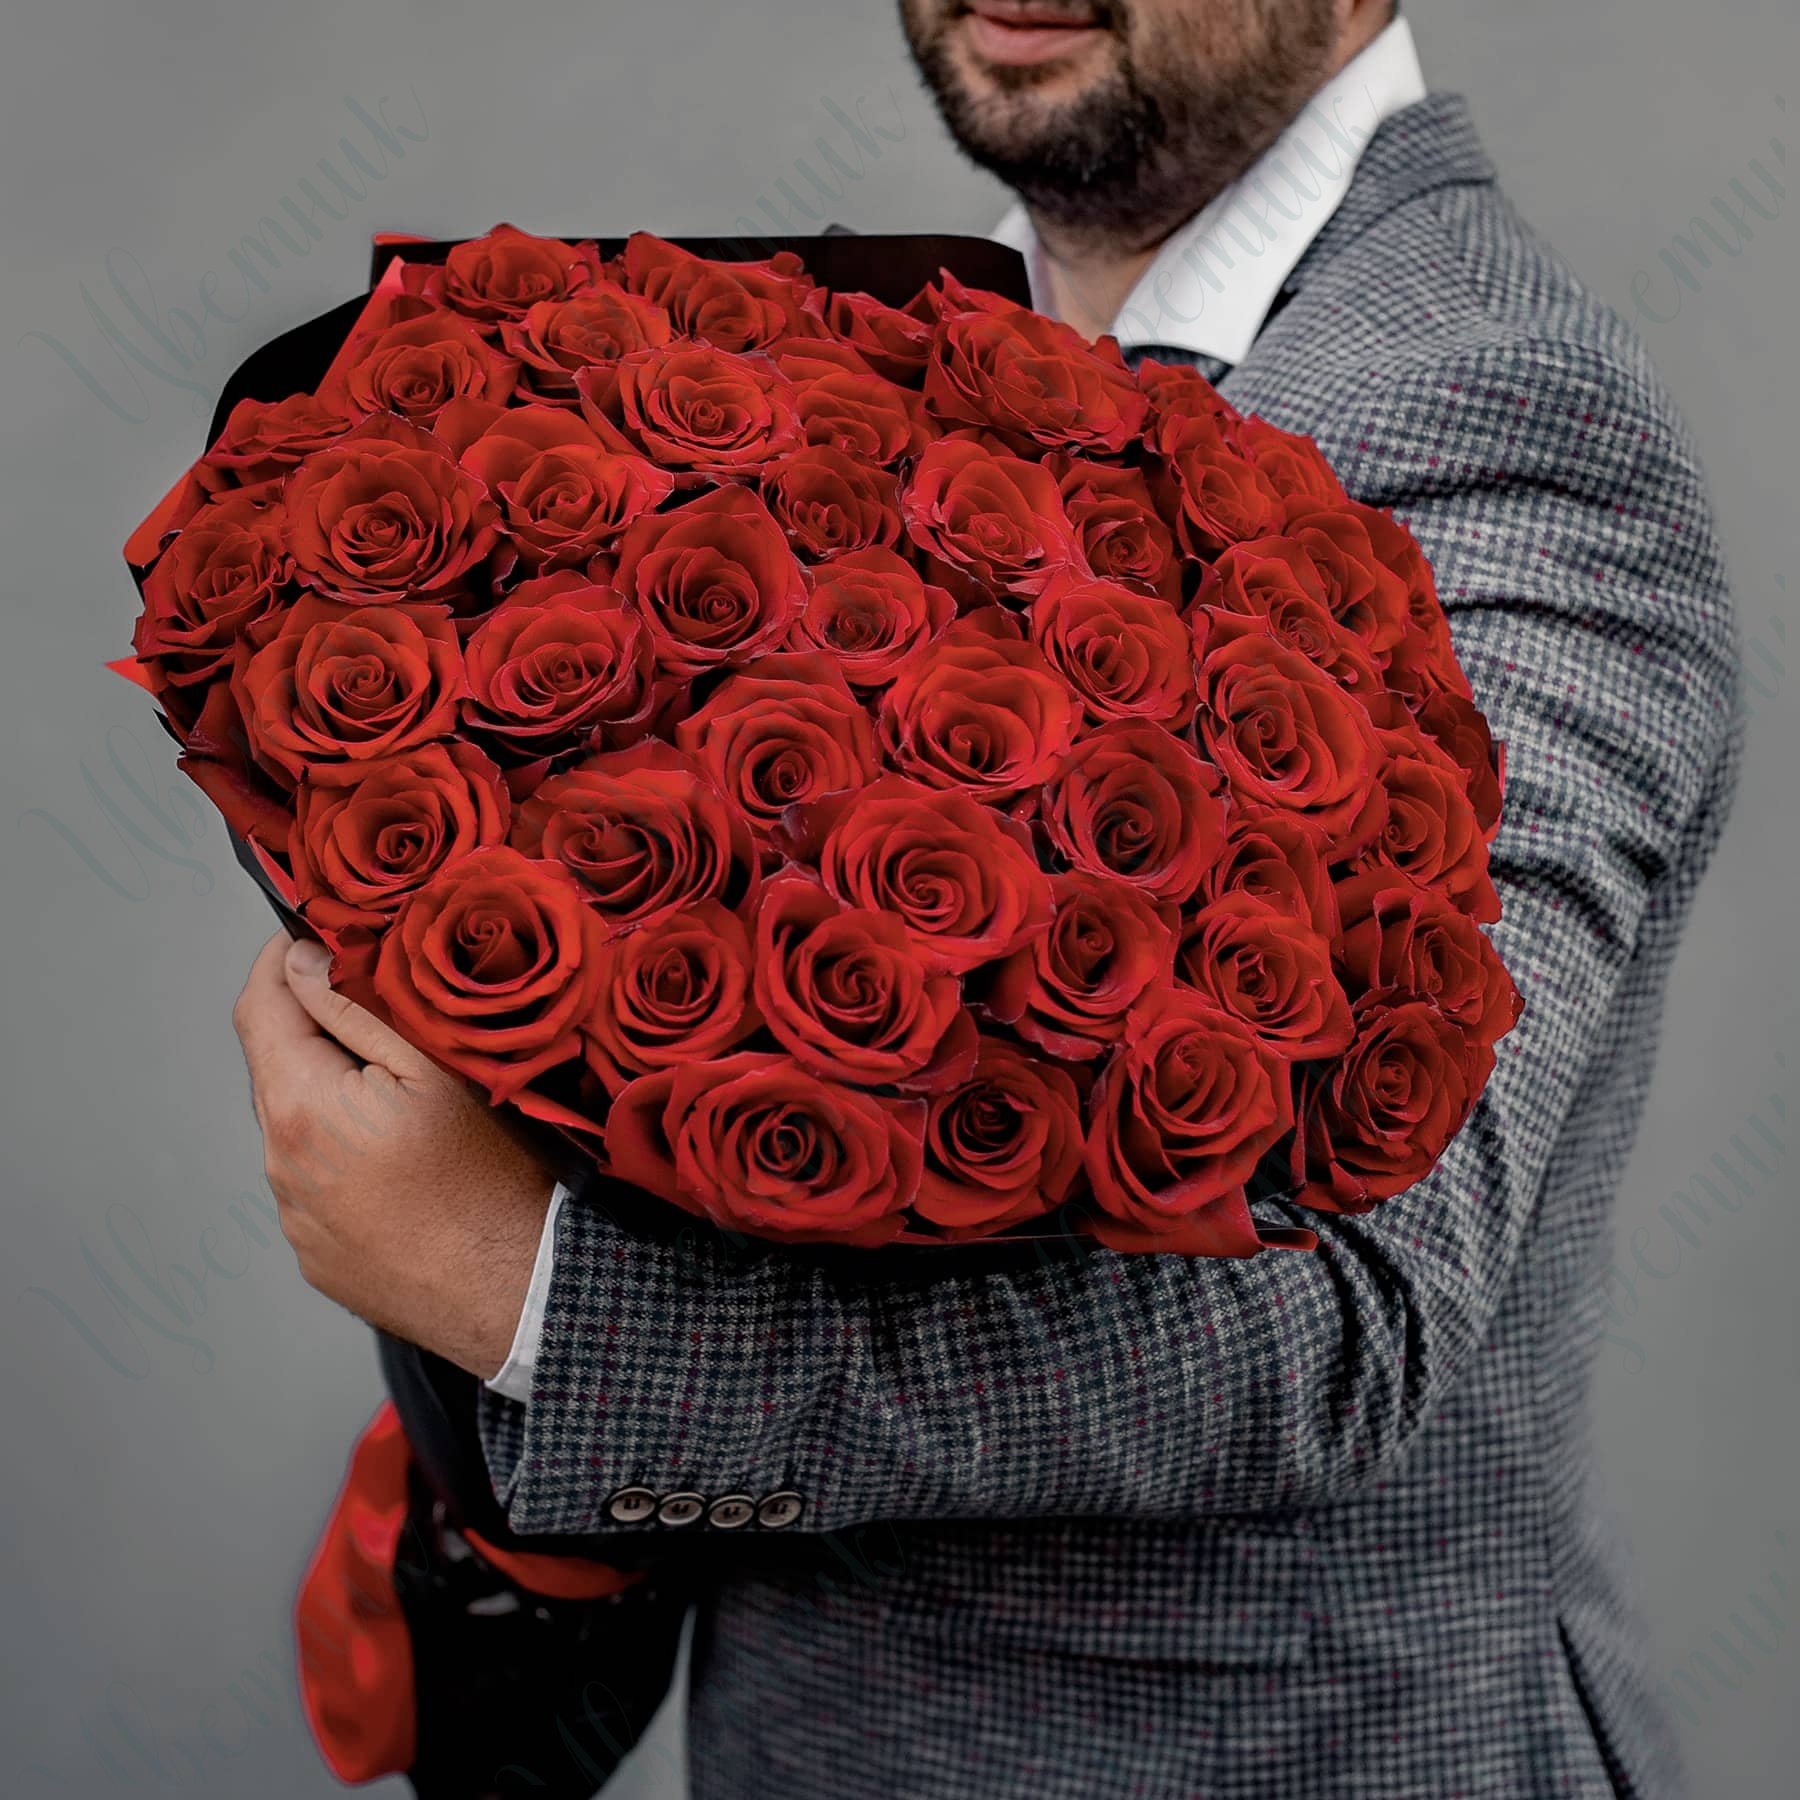 Букет из 51 алой розы в упаковке из черной матовой пленки